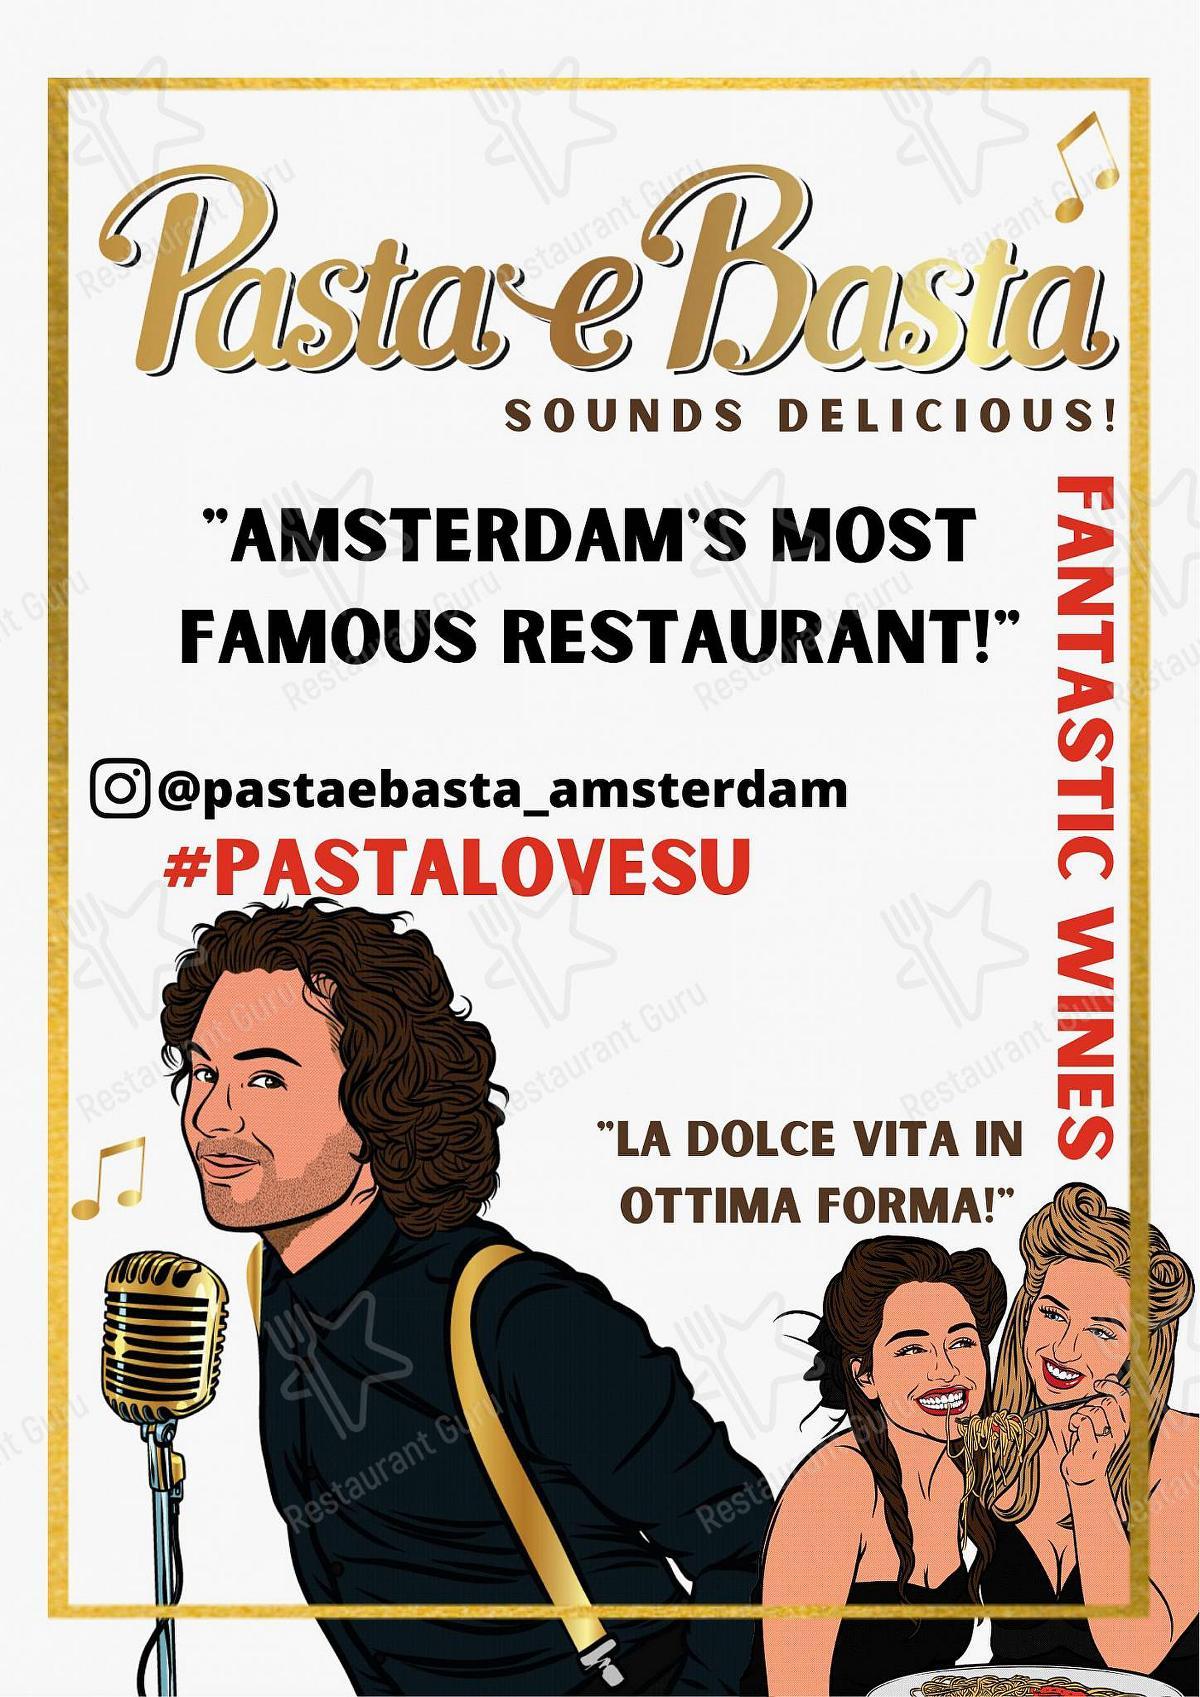 Pasta e Basta menu - meals and drinks